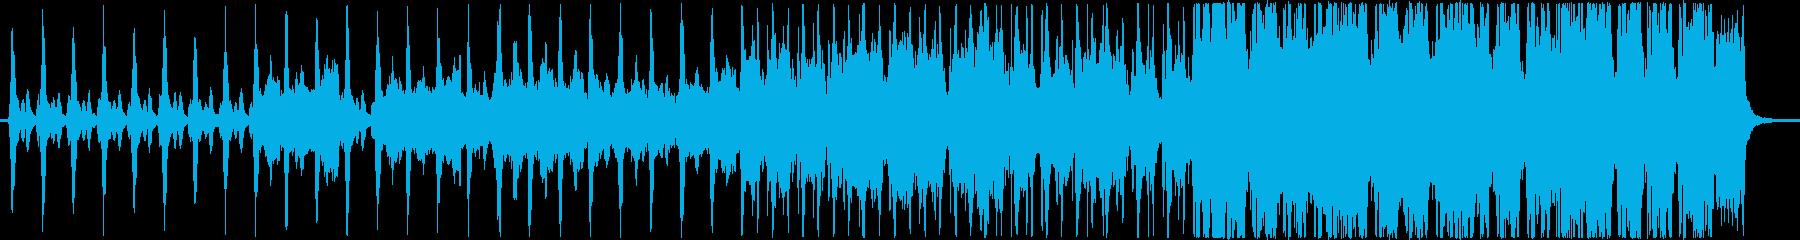 サラサラ ジャズ モダン 実験的 ...の再生済みの波形